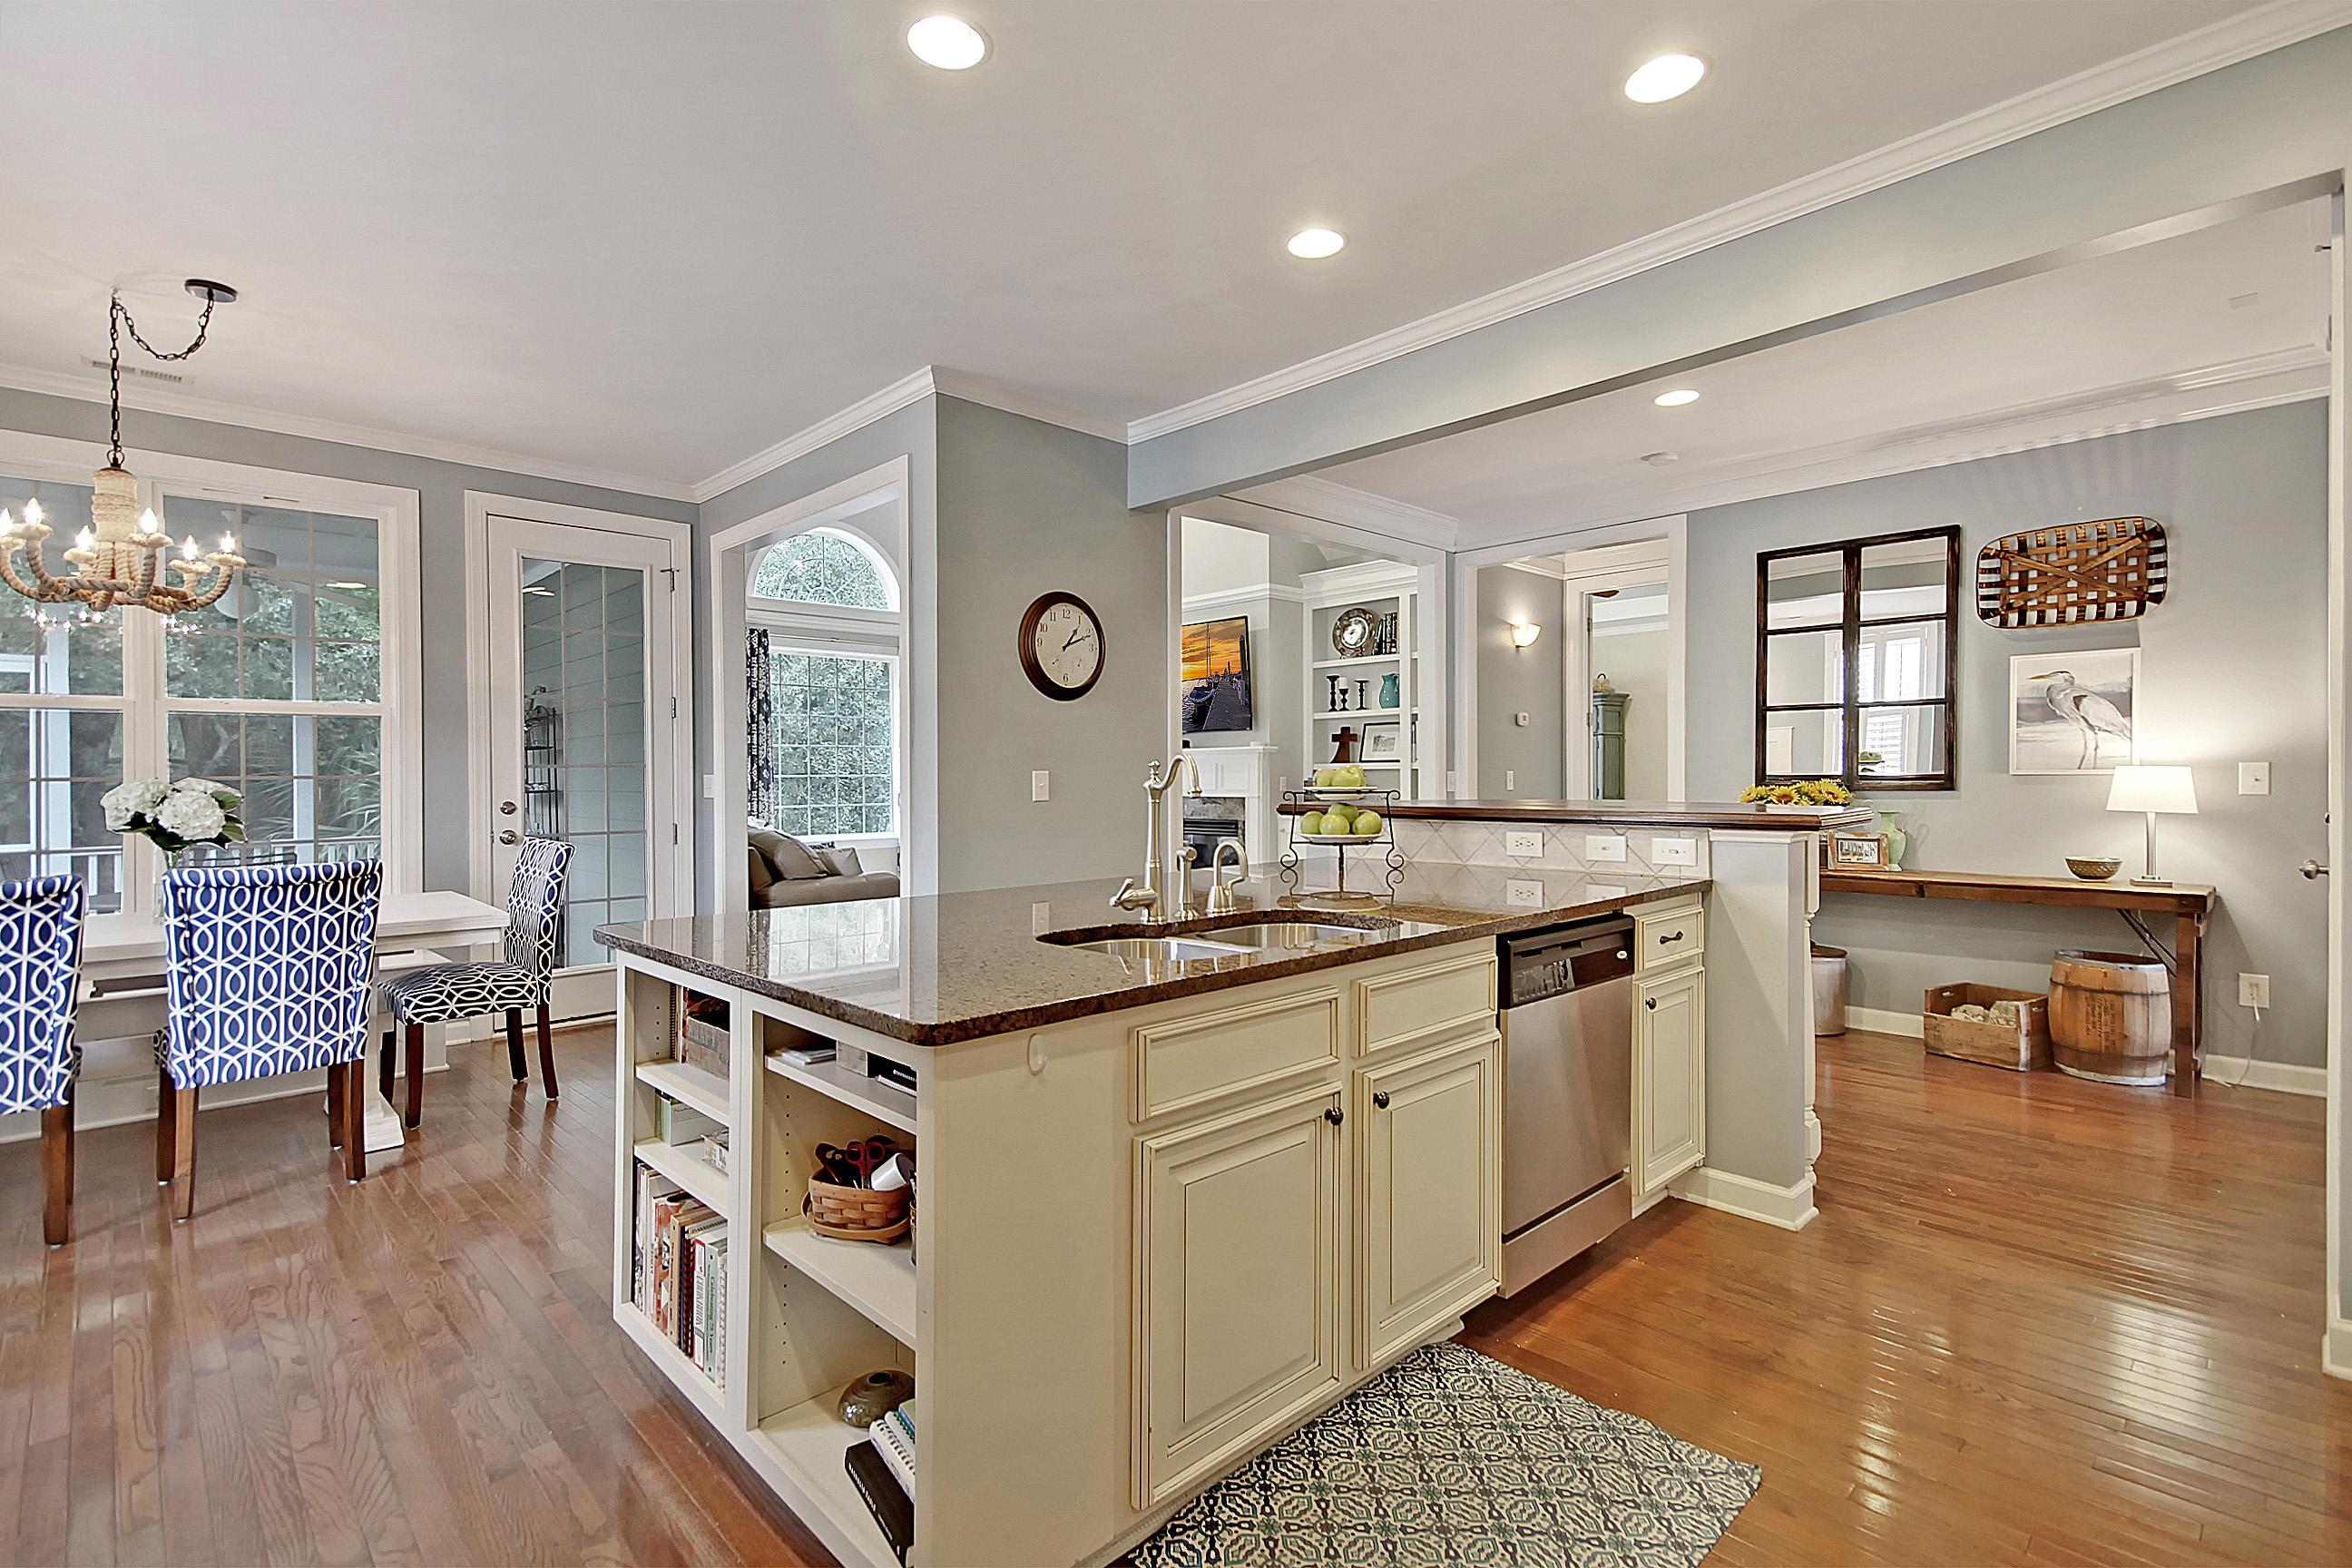 Dunes West Homes For Sale - 3056 Riverwood, Mount Pleasant, SC - 11